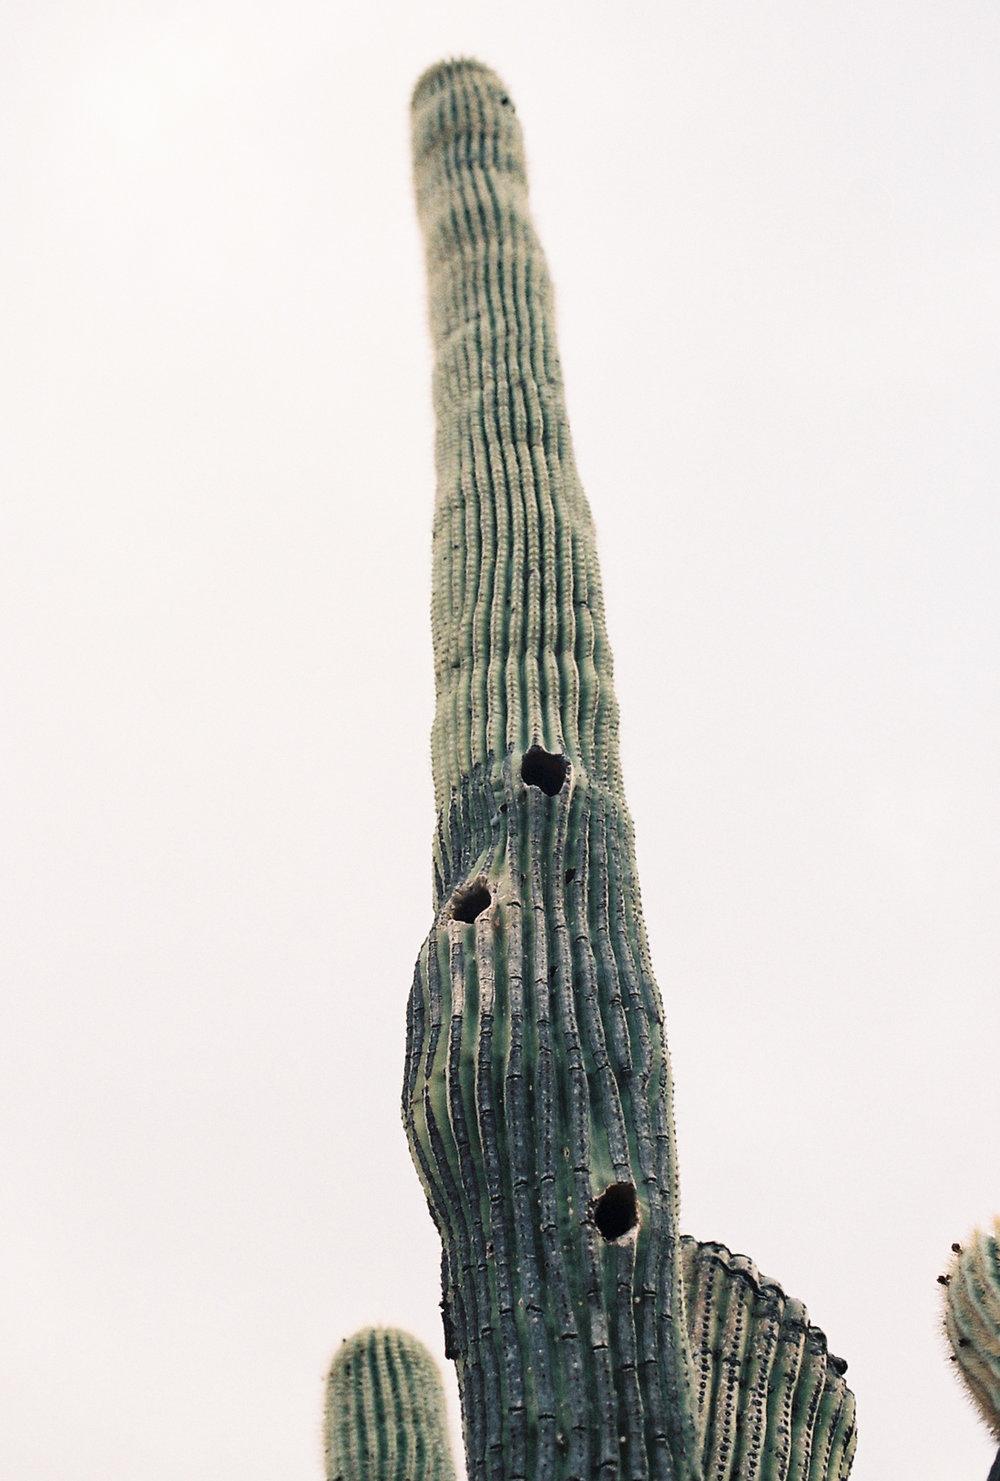 AZ-PLANT-32.jpg